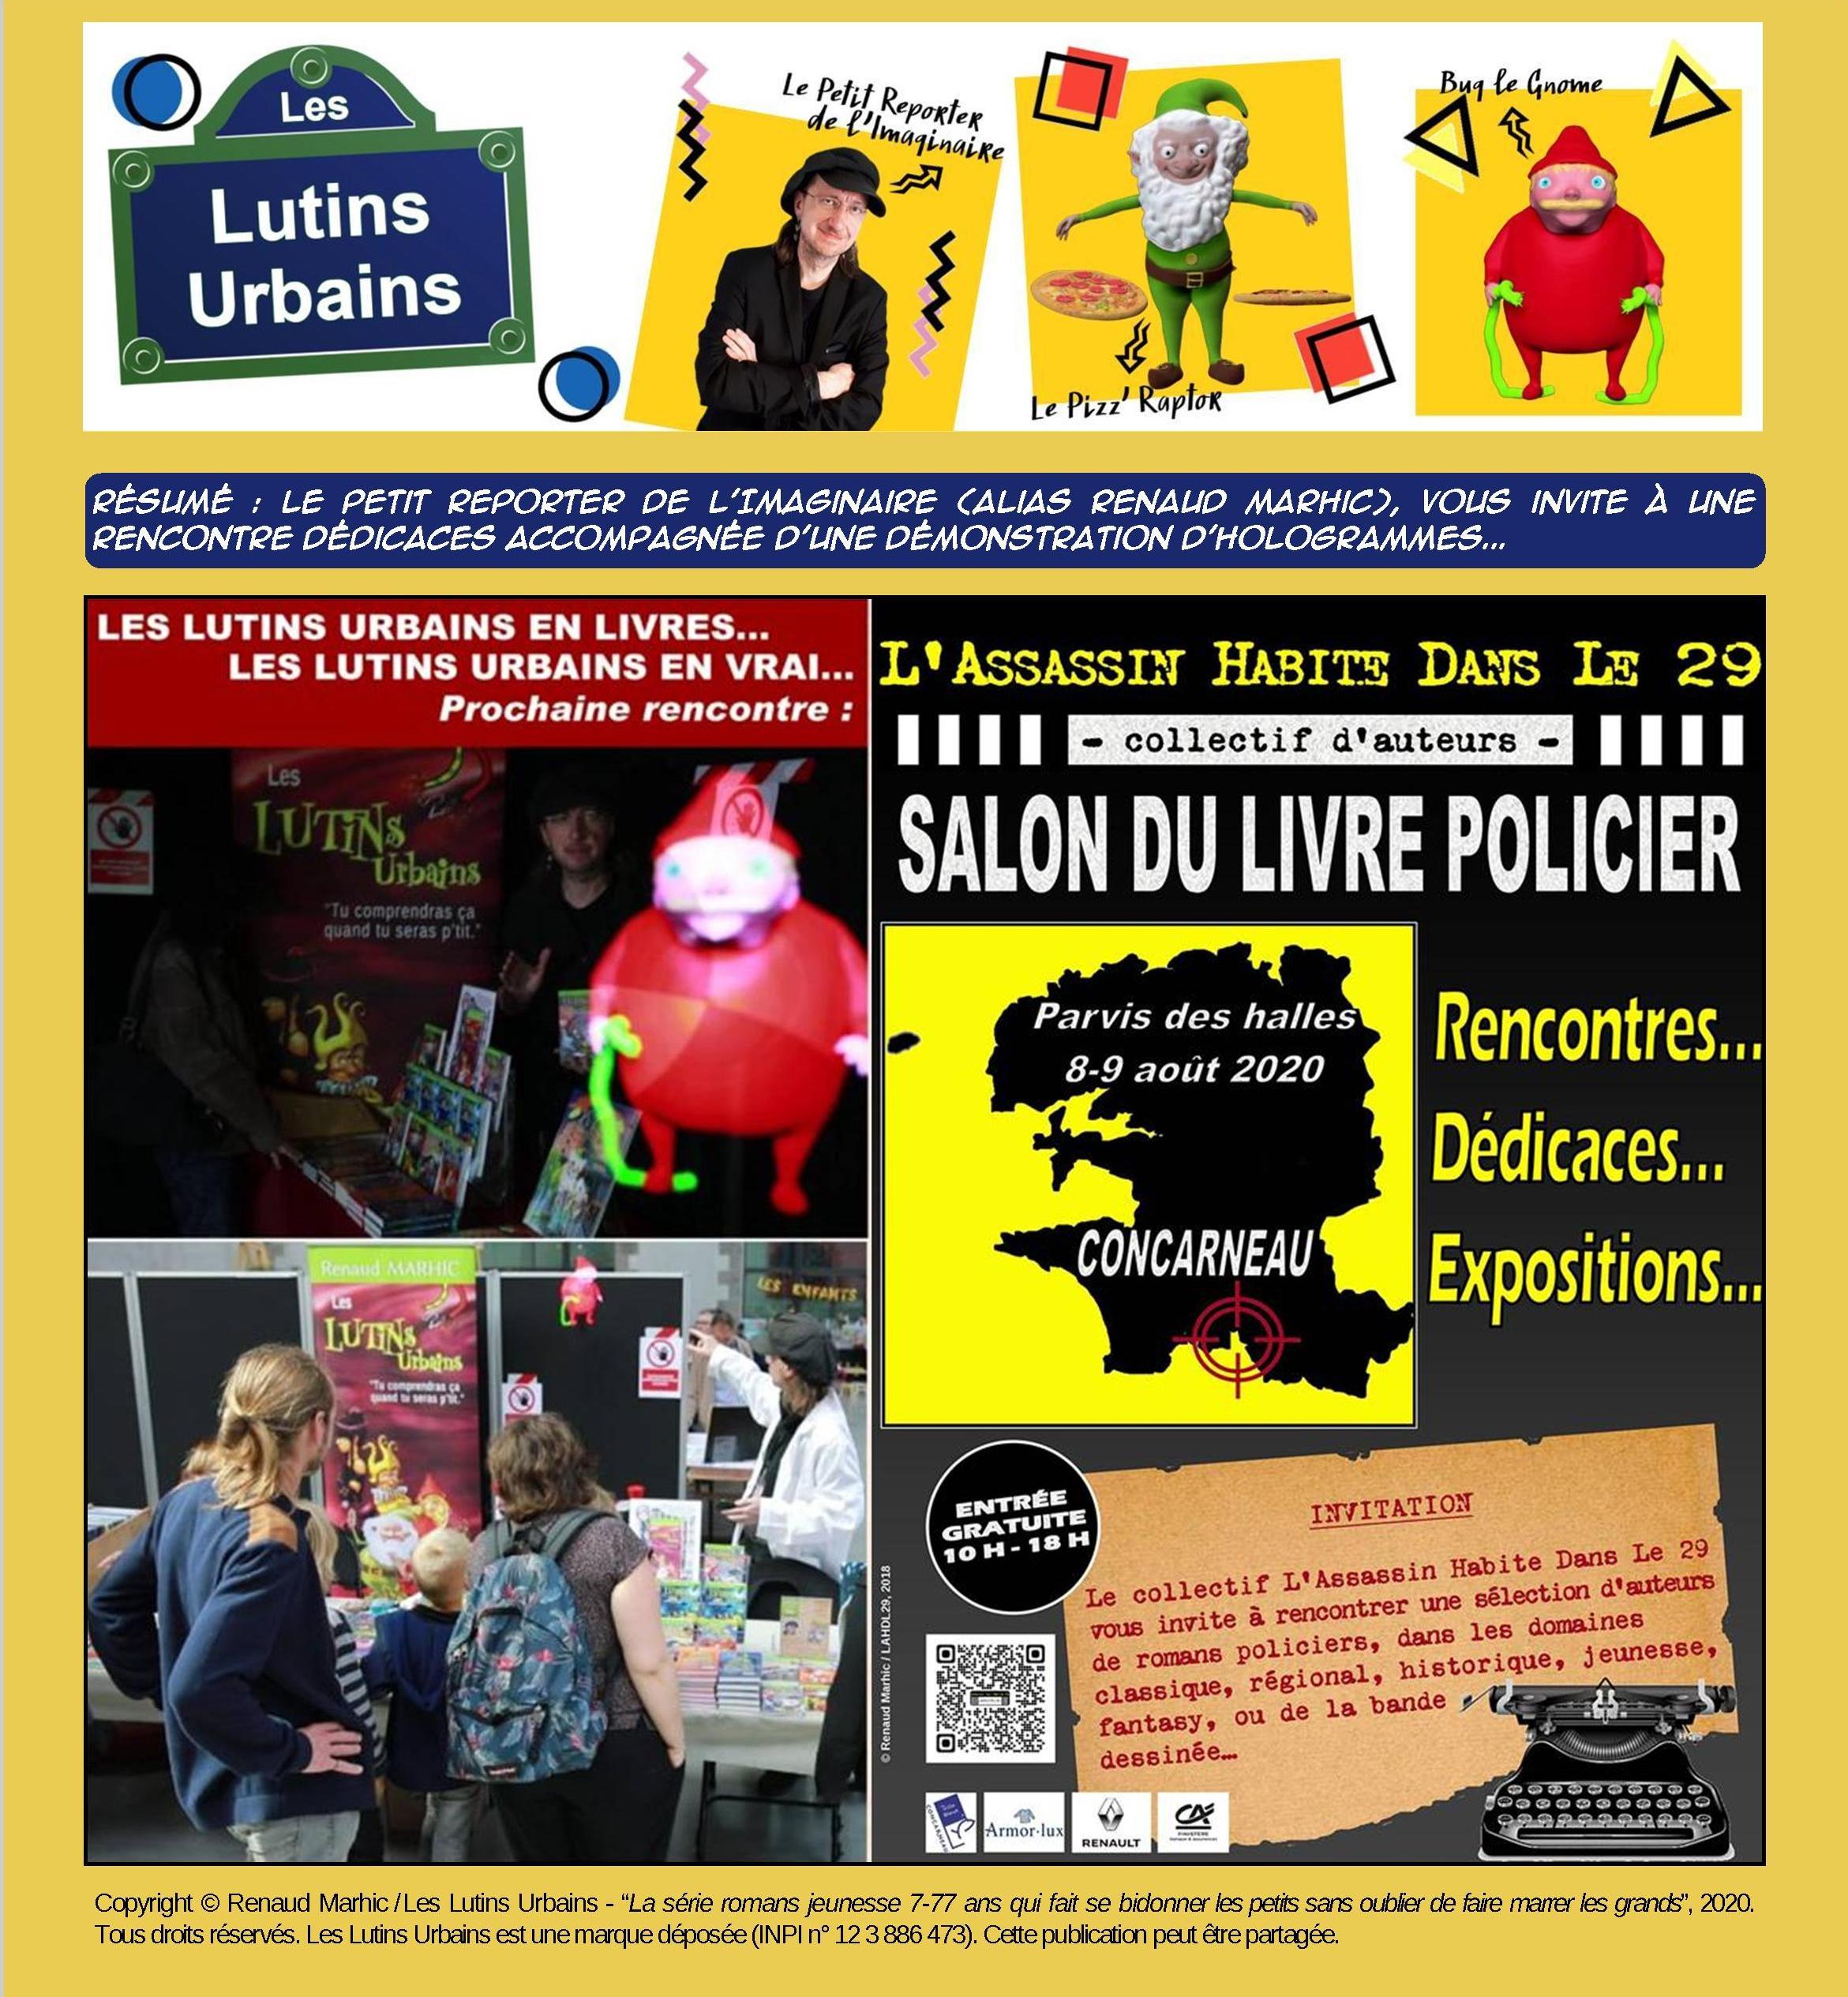 Les Lutins Urbains au salon du Livre Policier de L'Assassin Habite Dans Le 29 à Concarneau 2020